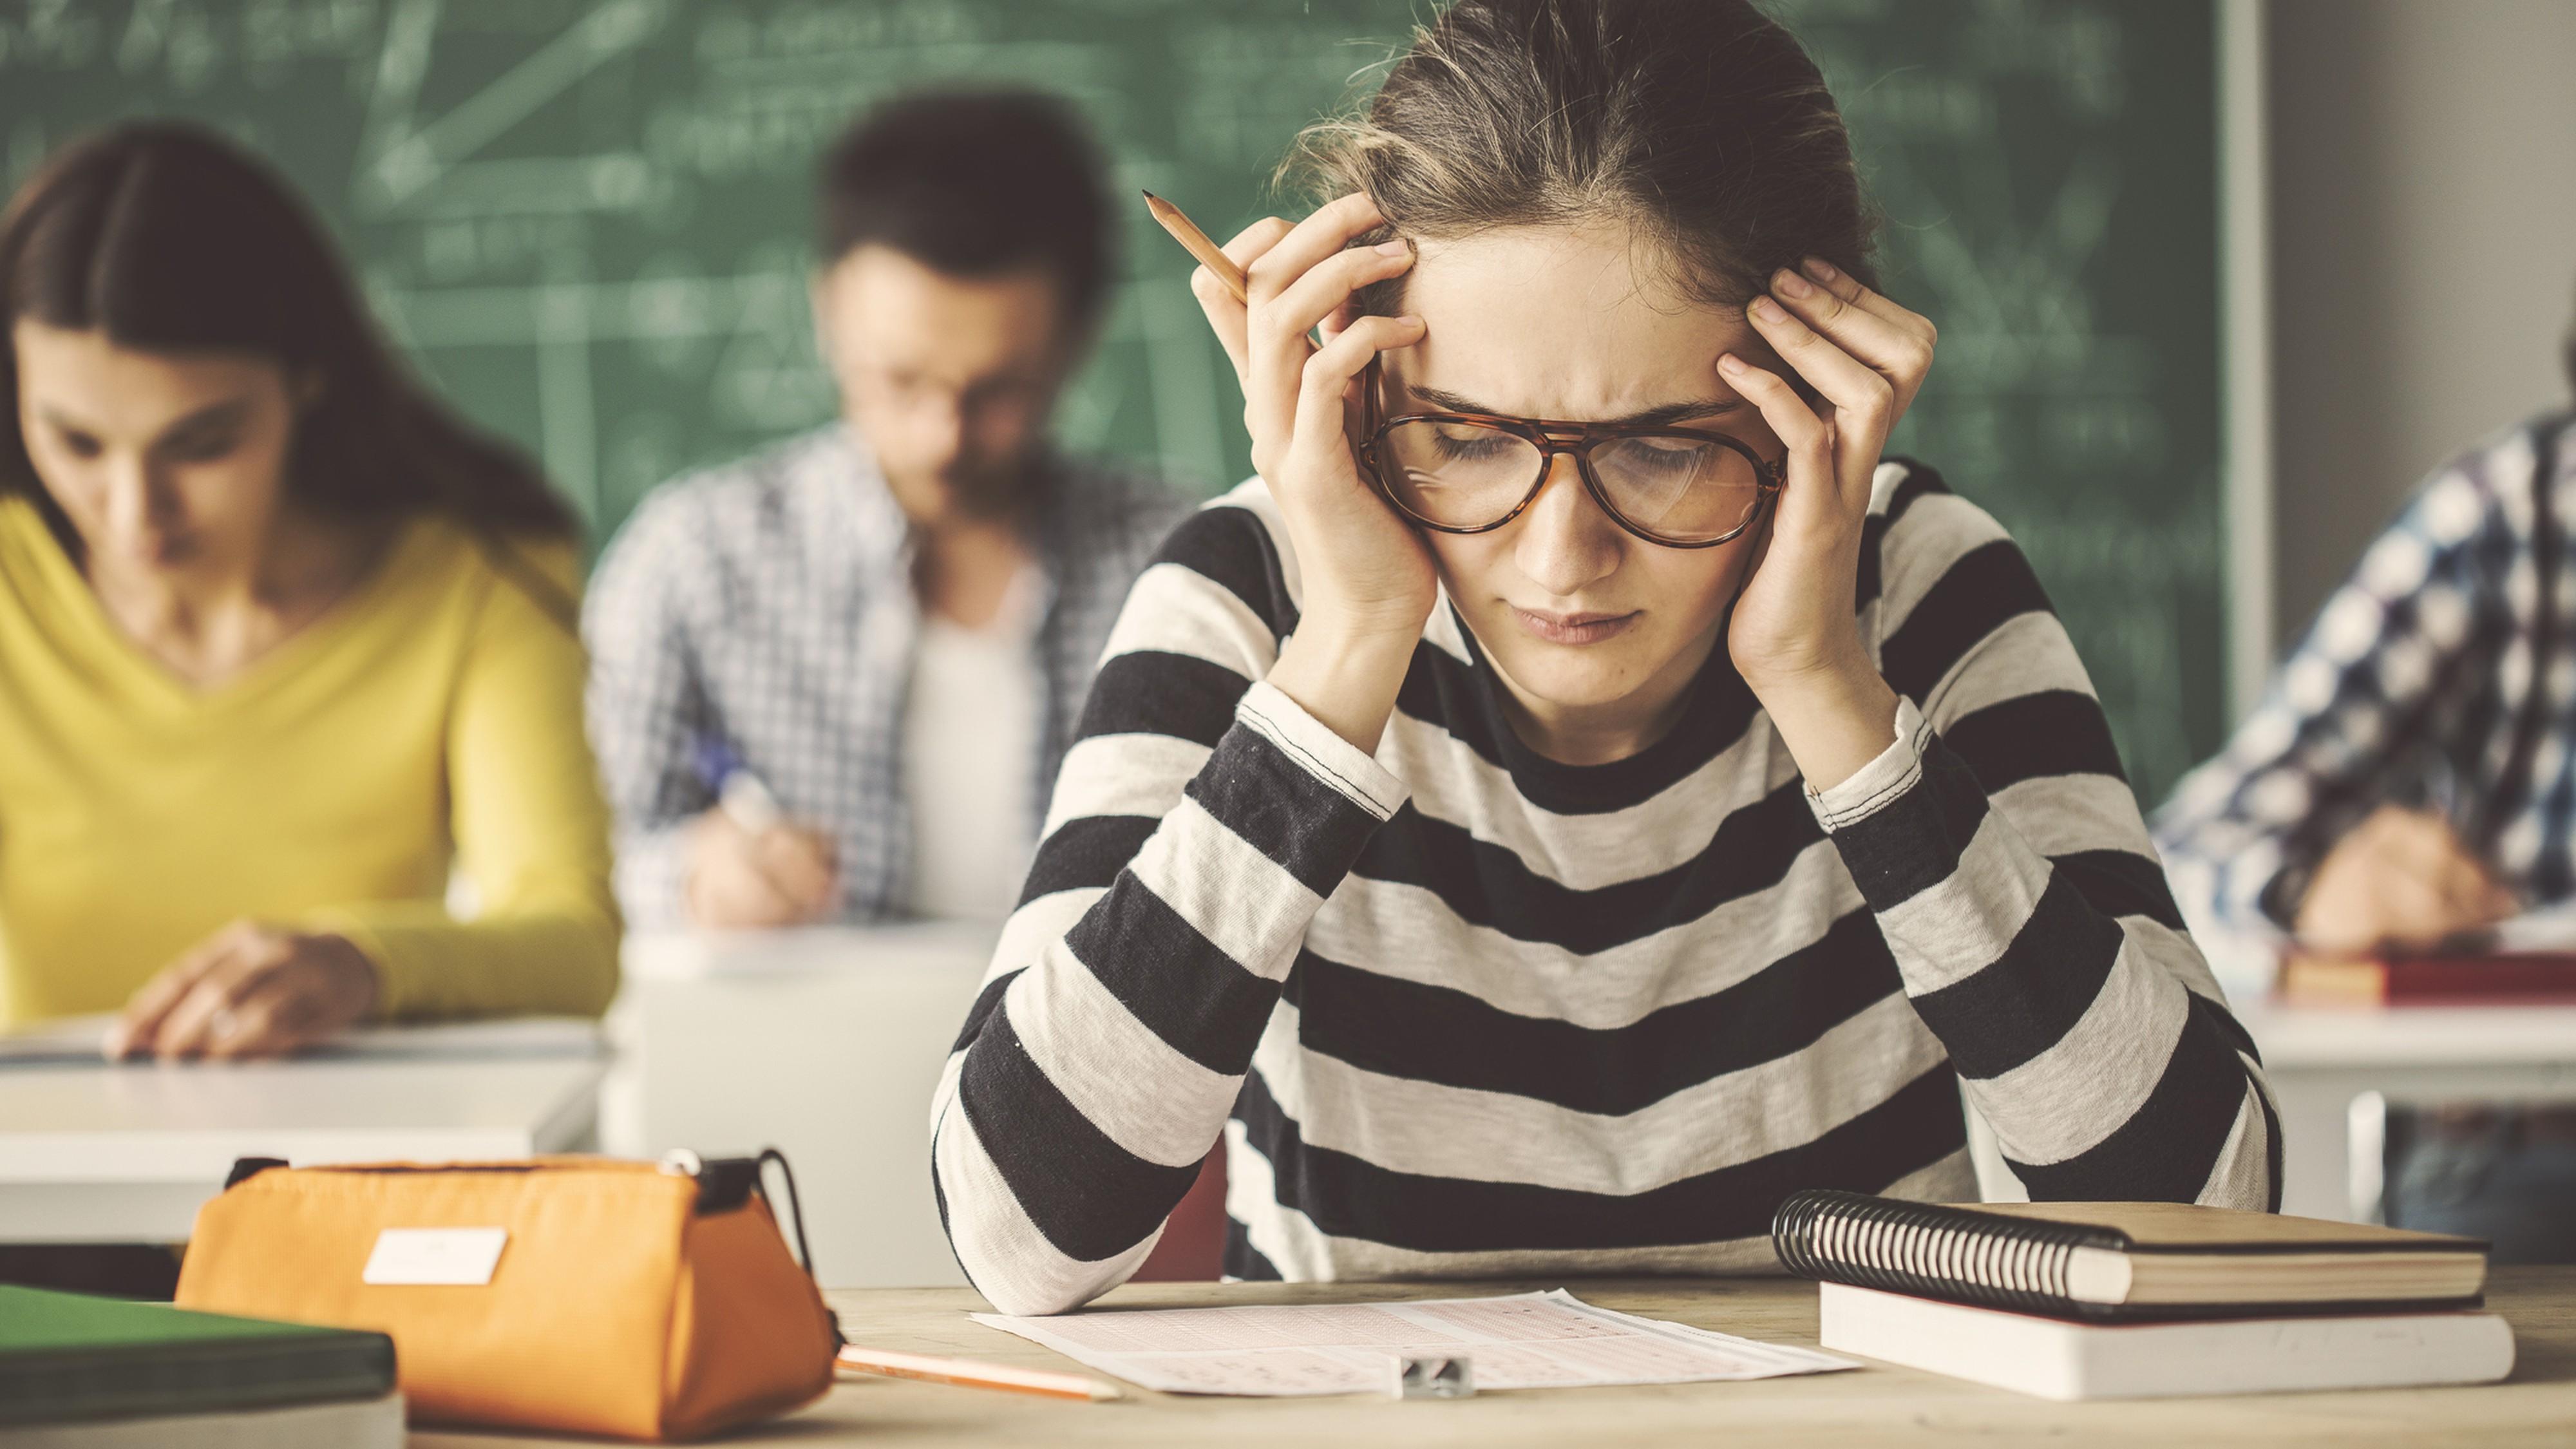 """Burnout an der Uni: """"Das Bewusstsein über psychische Erkrankungen ist mangelhaft"""""""